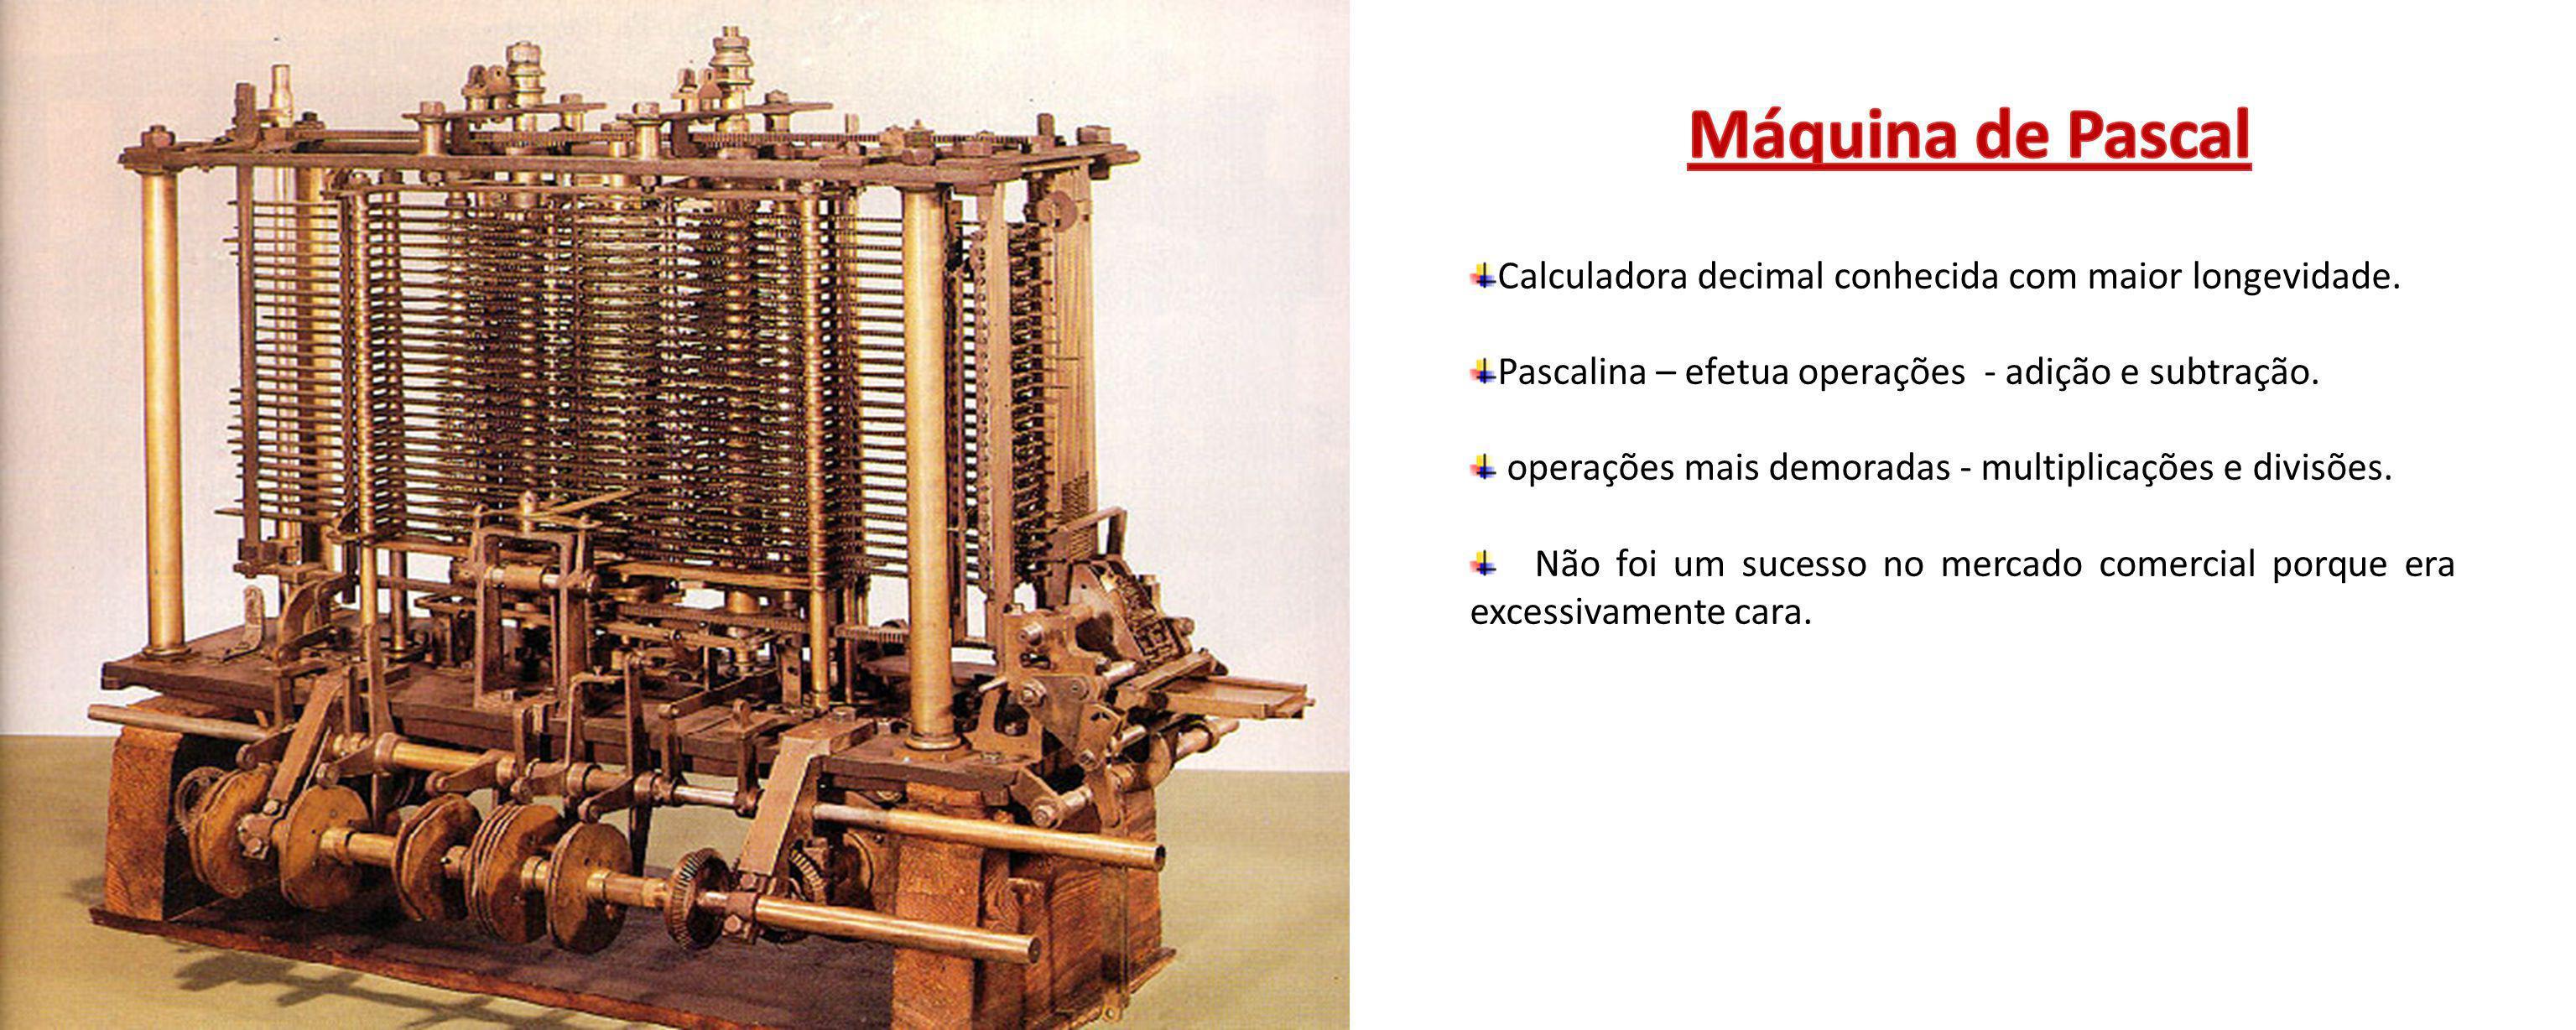 Calculadora decimal conhecida com maior longevidade. Pascalina – efetua operações - adição e subtração. operações mais demoradas - multiplicações e di